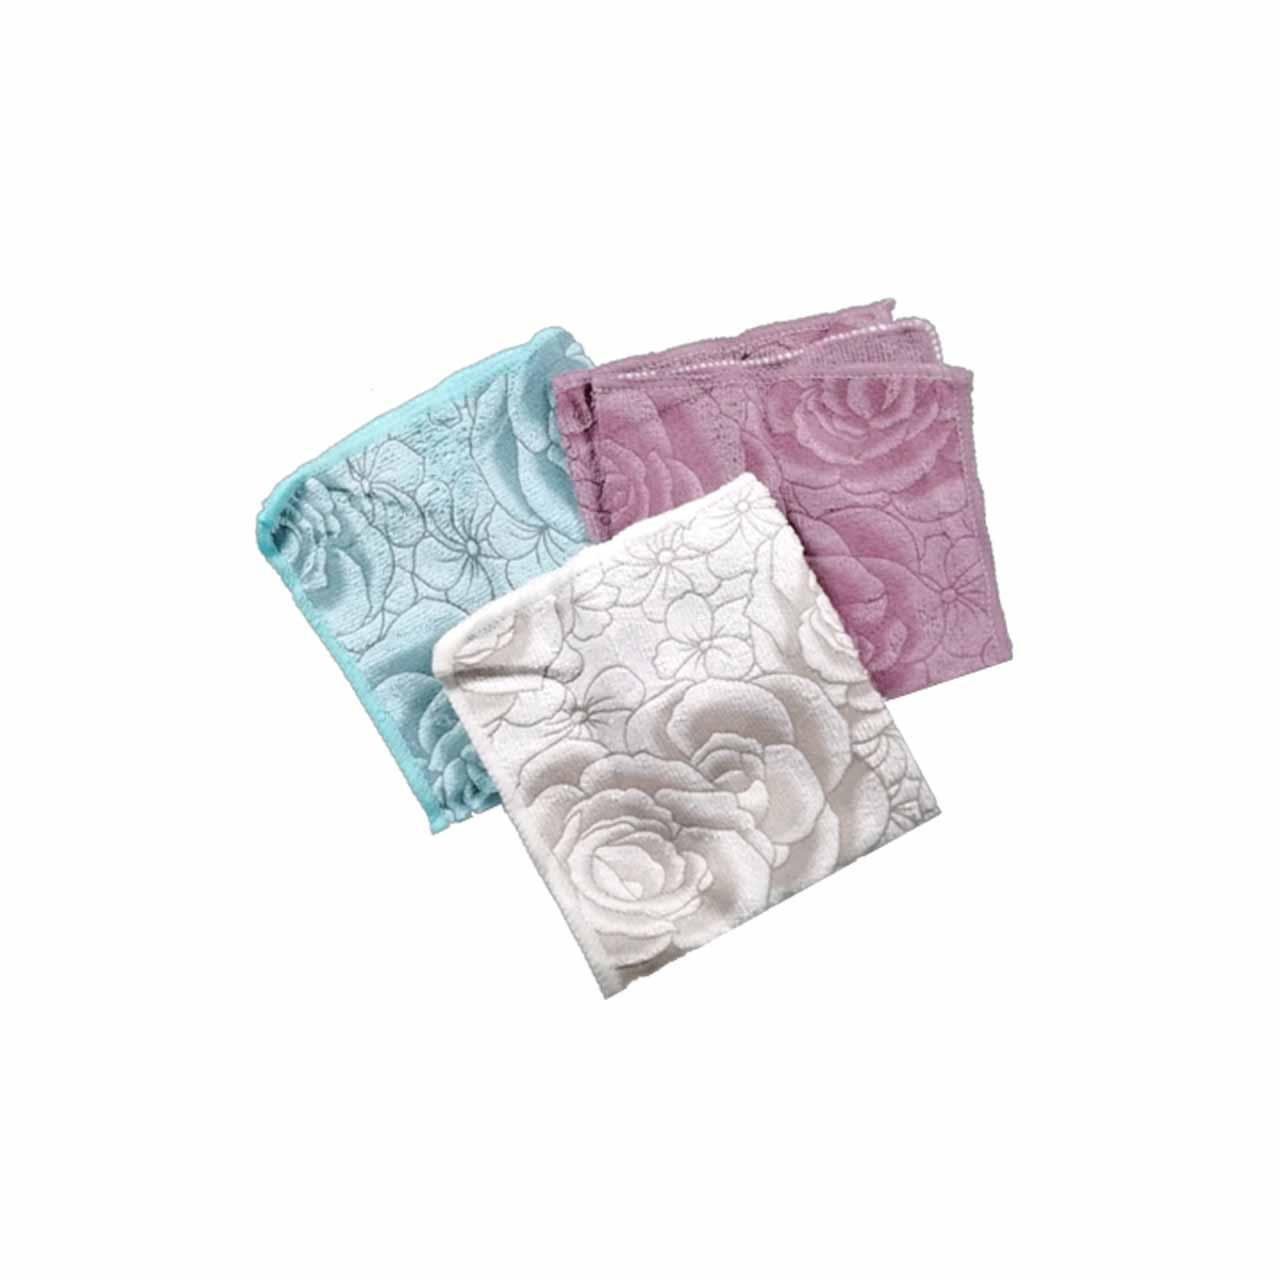 دستمال میکروفایبر گلدار پخش و فروش عمده دستمال نظافتی جادویی